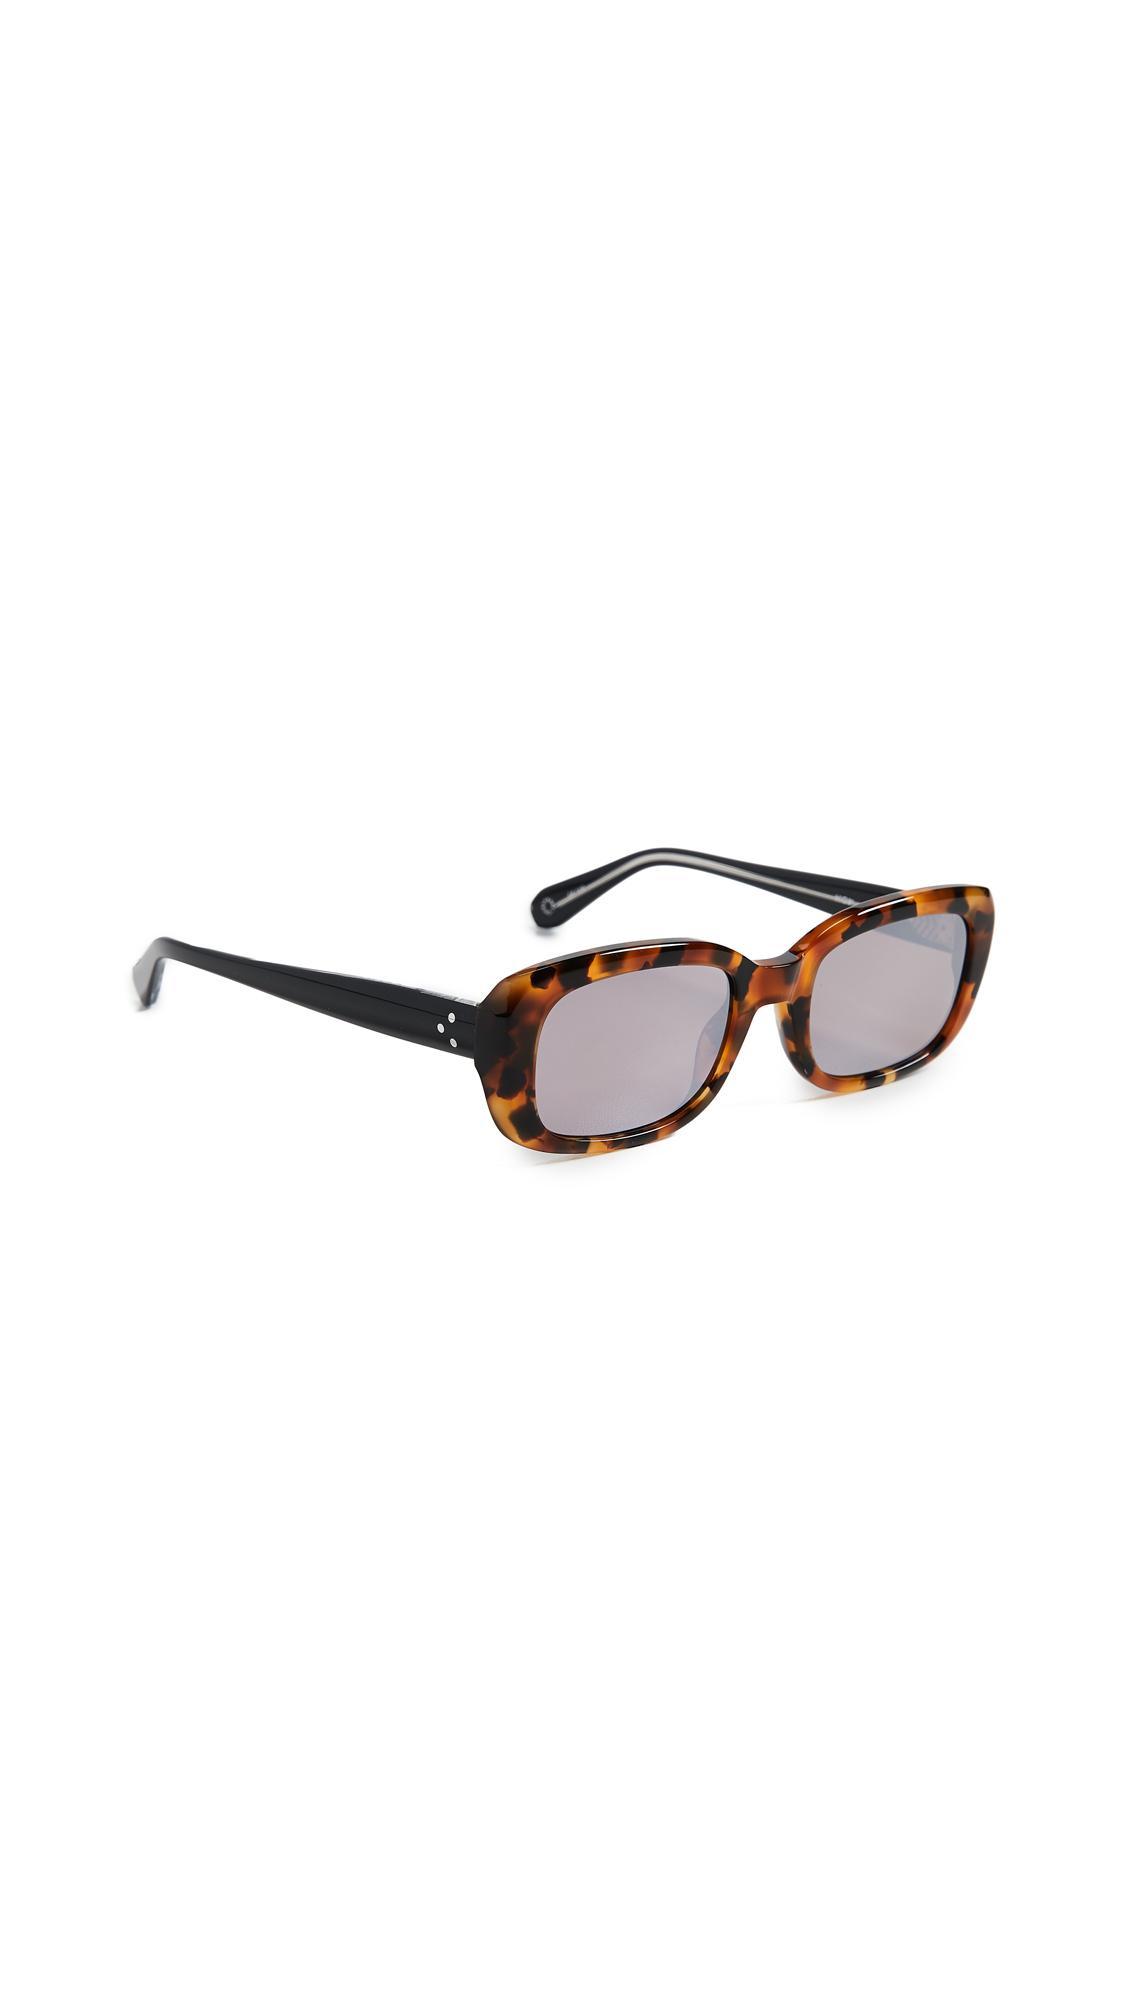 Krewe Milan Irregular Sunglasses In Havana Crystal Brown Gradient Modesens